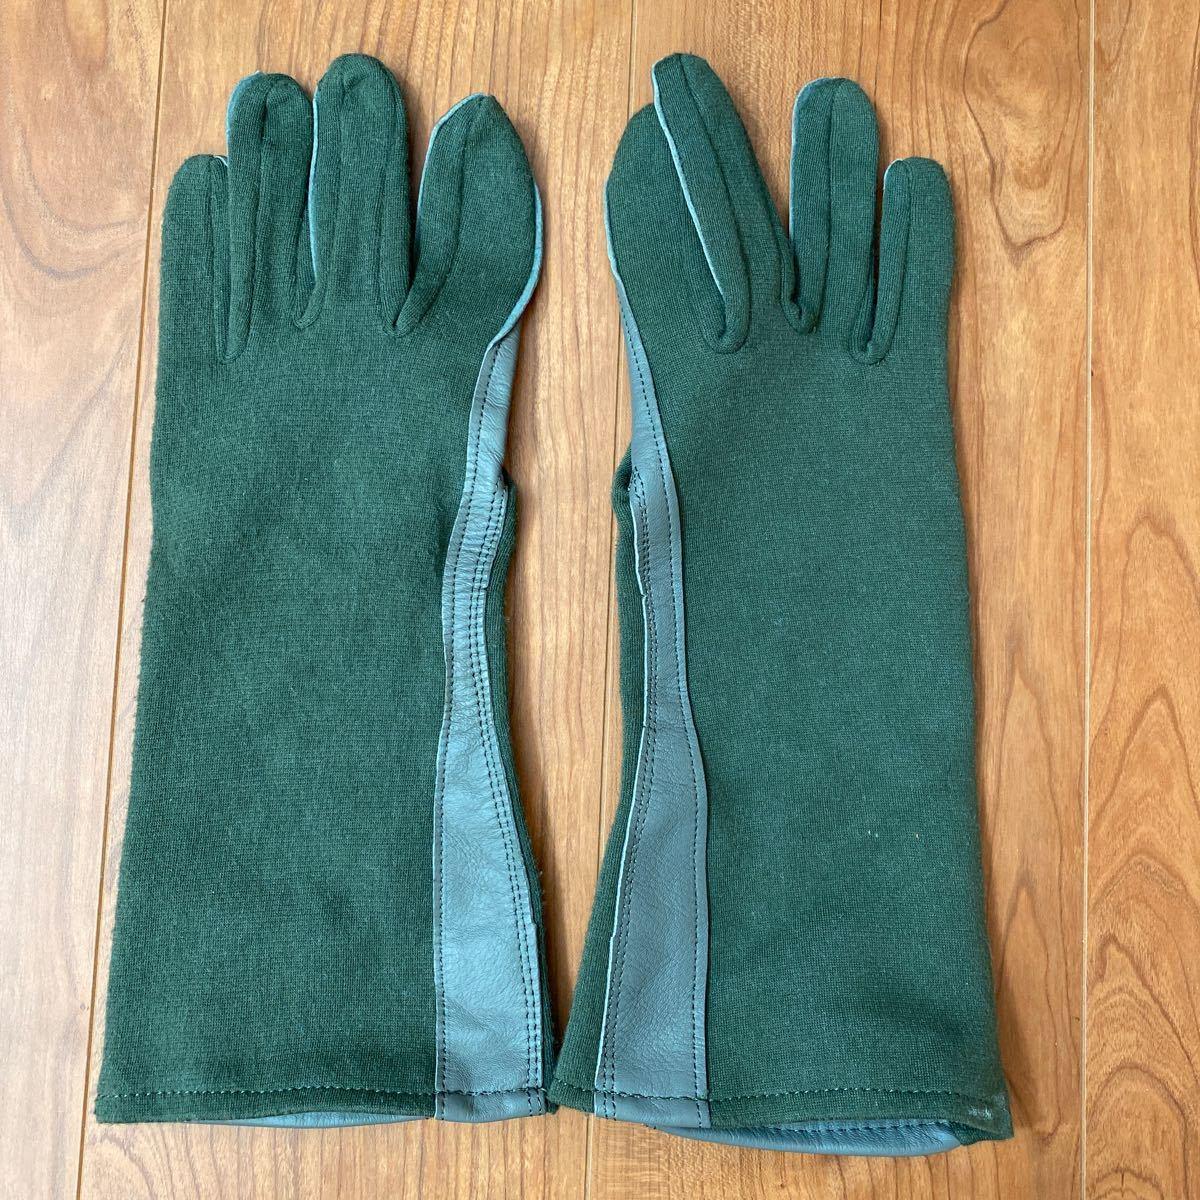 米軍実物 Nomex フライト サマー グローブ Gloves Flyers フライトギア レザーグローブ 手袋 ノーメックス 革手袋 ミリタリー パイロット_画像1